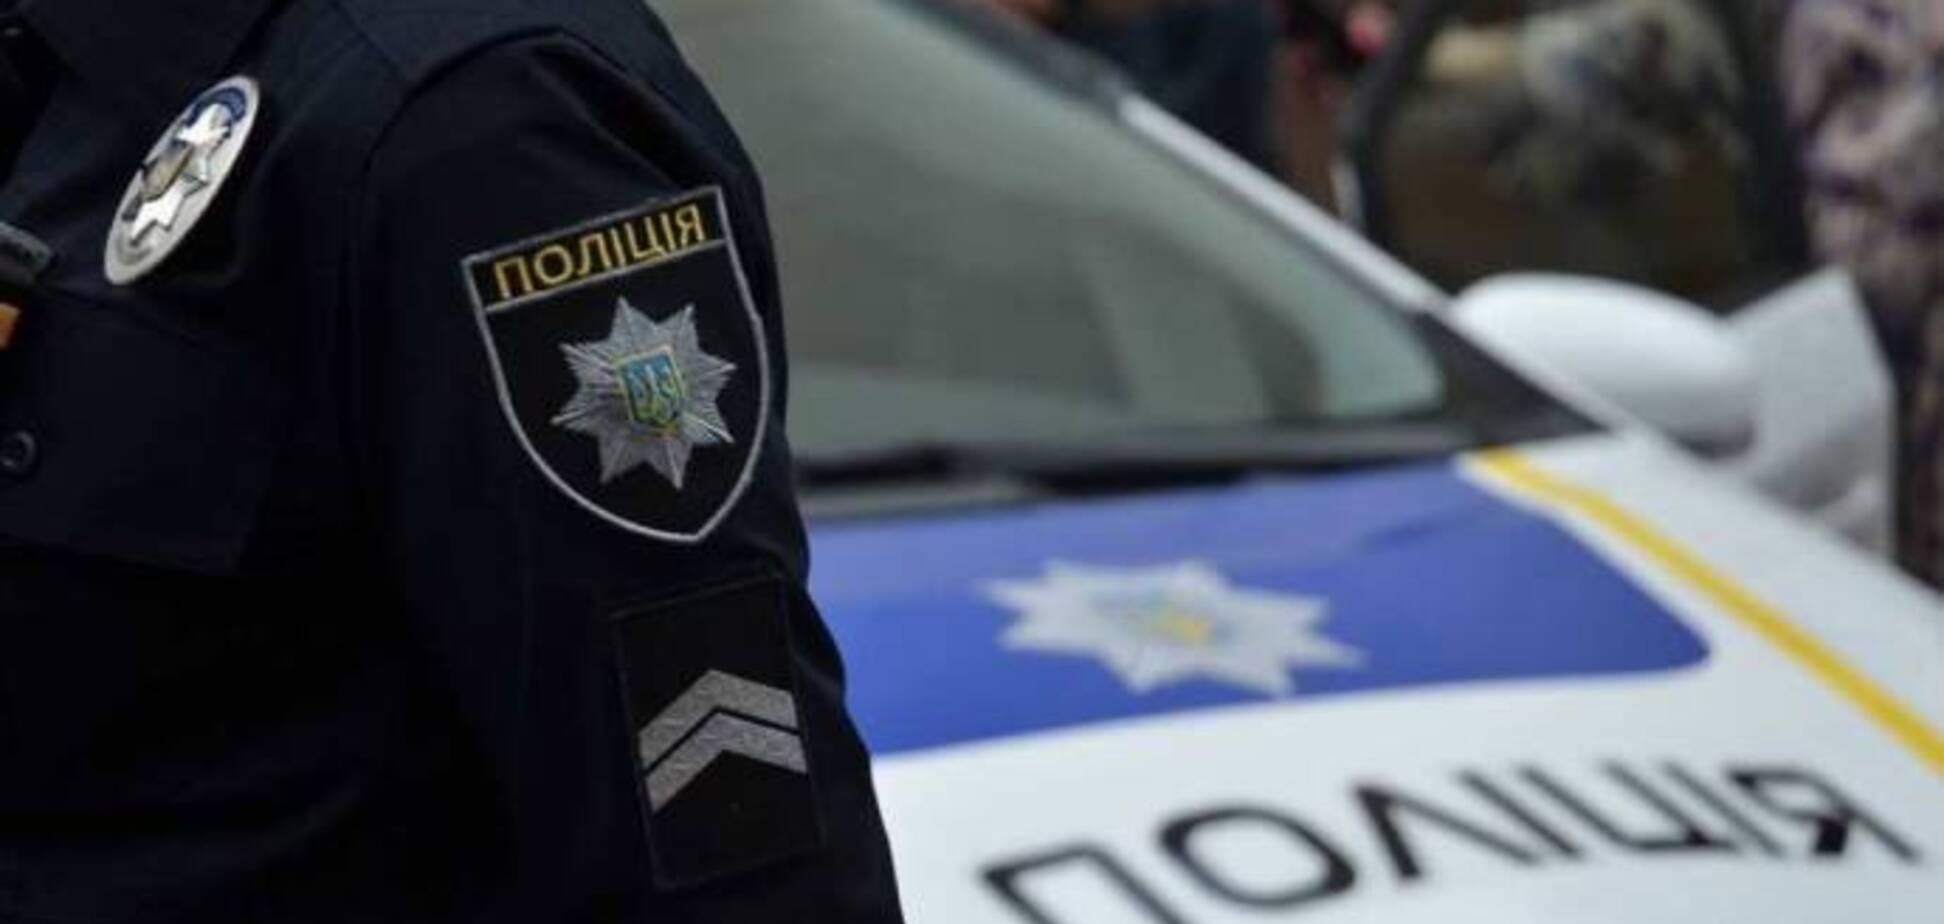 На Київщині оголосили в розшук членів небезпечної банди. Ілюстрація